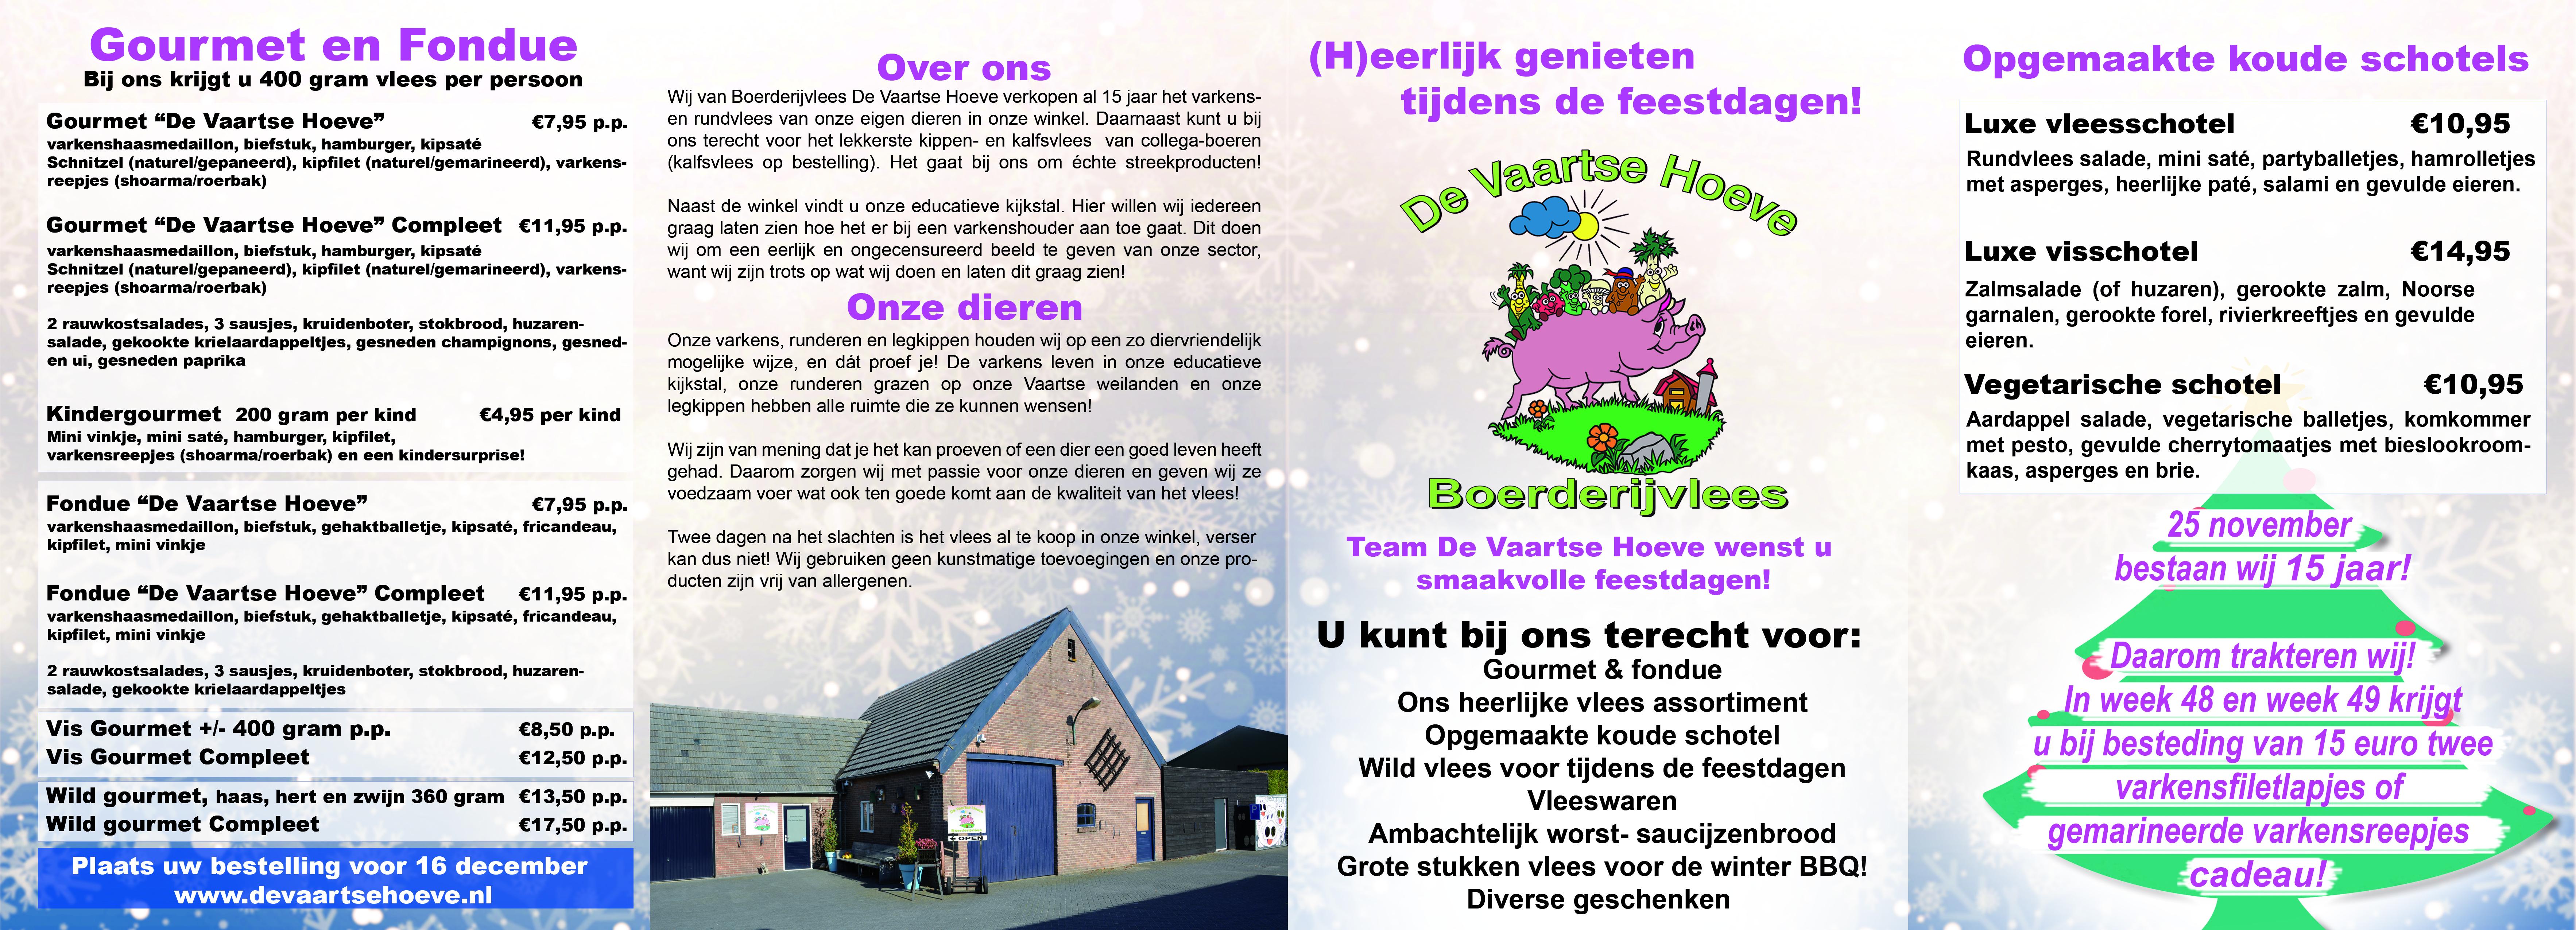 Folder Kerst 2018 De Vaartsehoeve Boerderijvlees